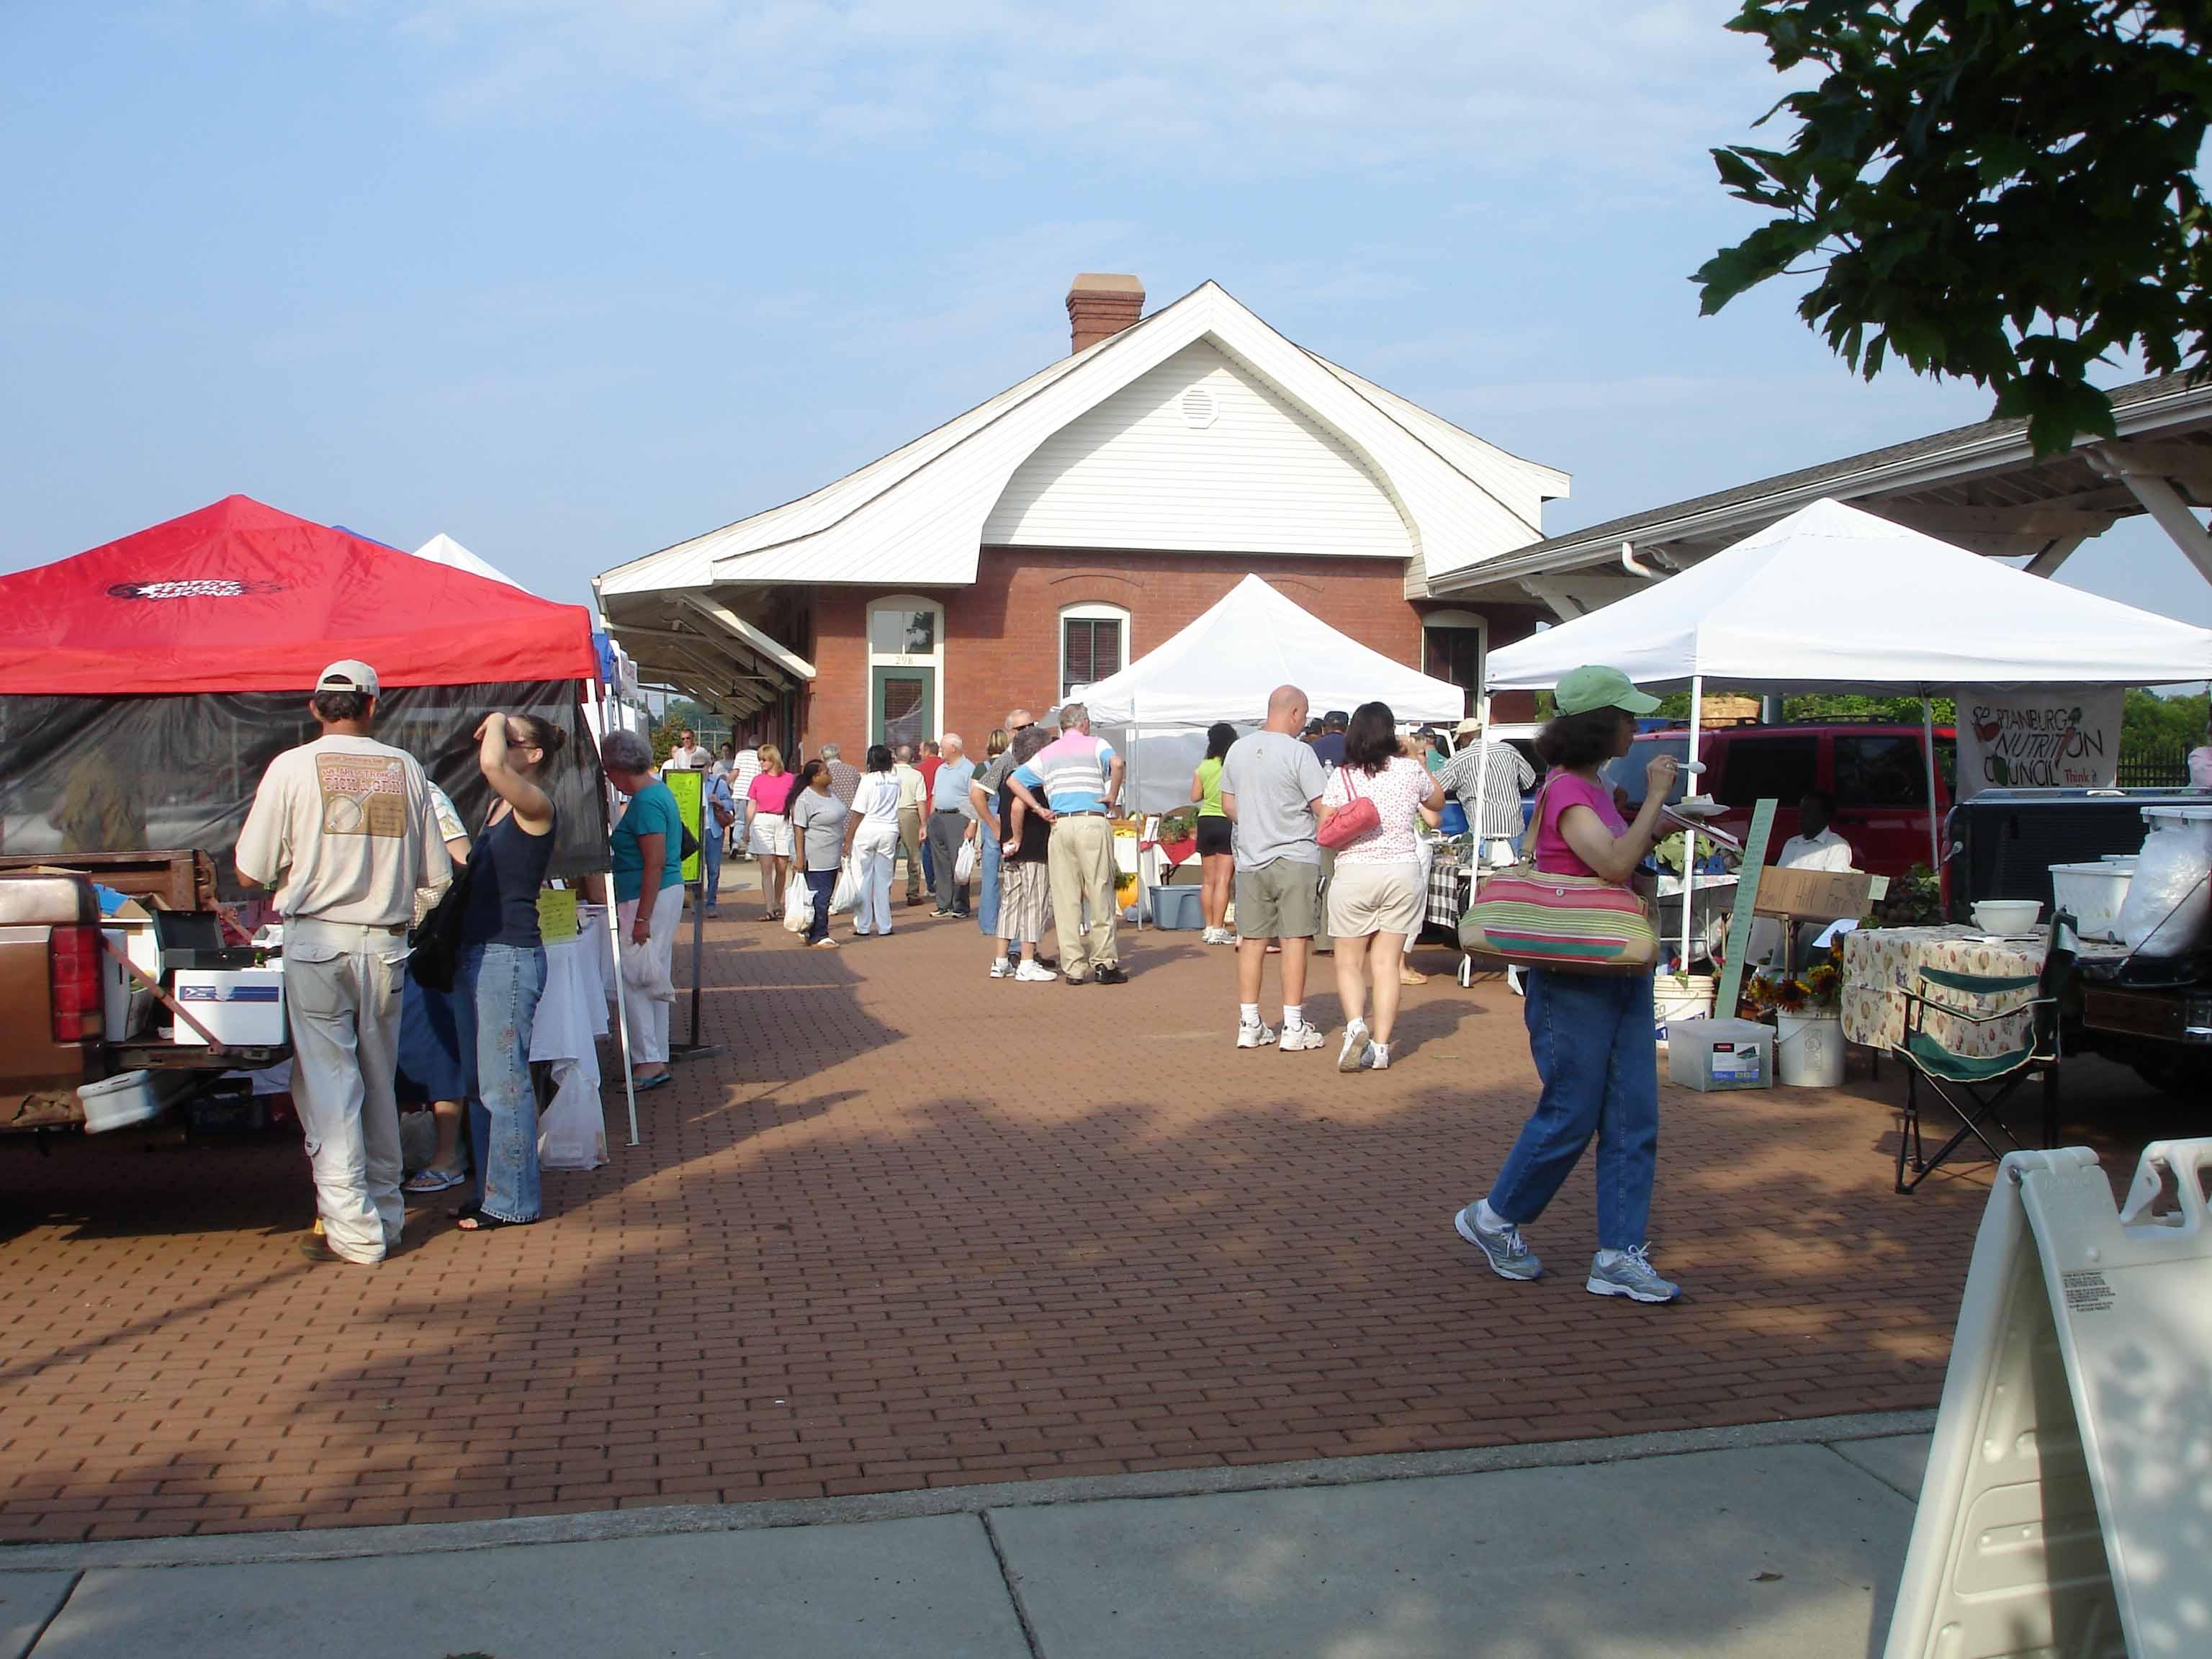 Hub City Farmer's Market